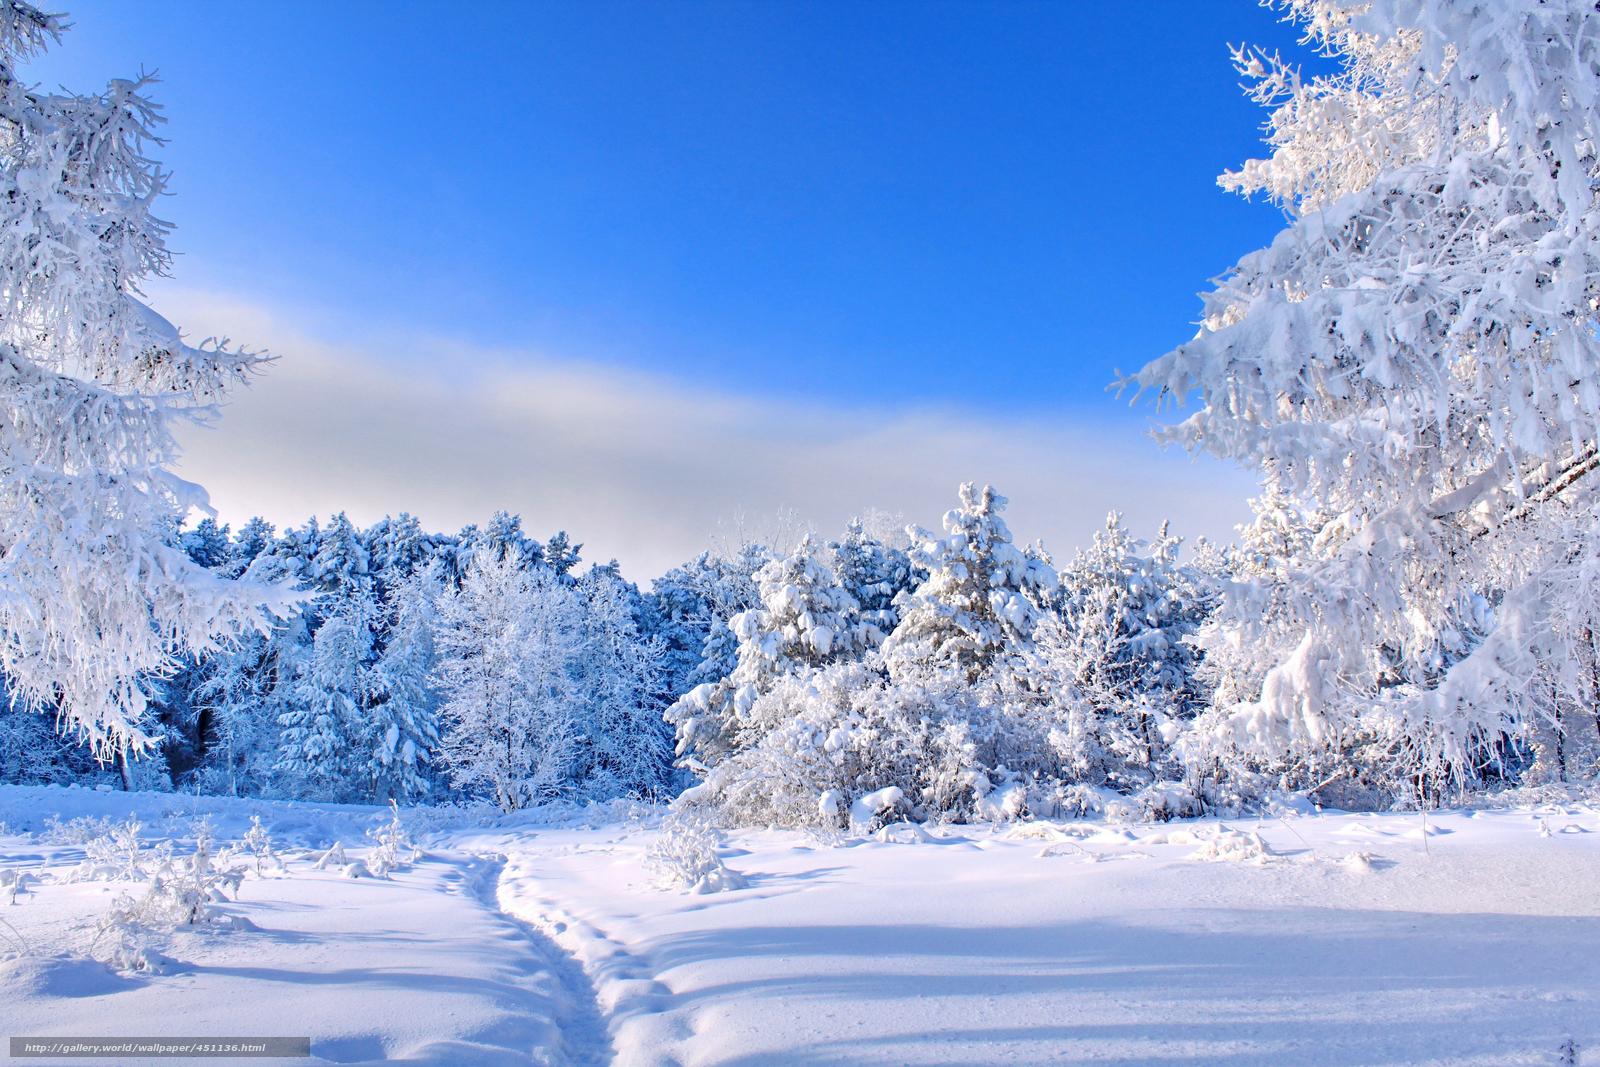 Скачать обои зима снег деревья